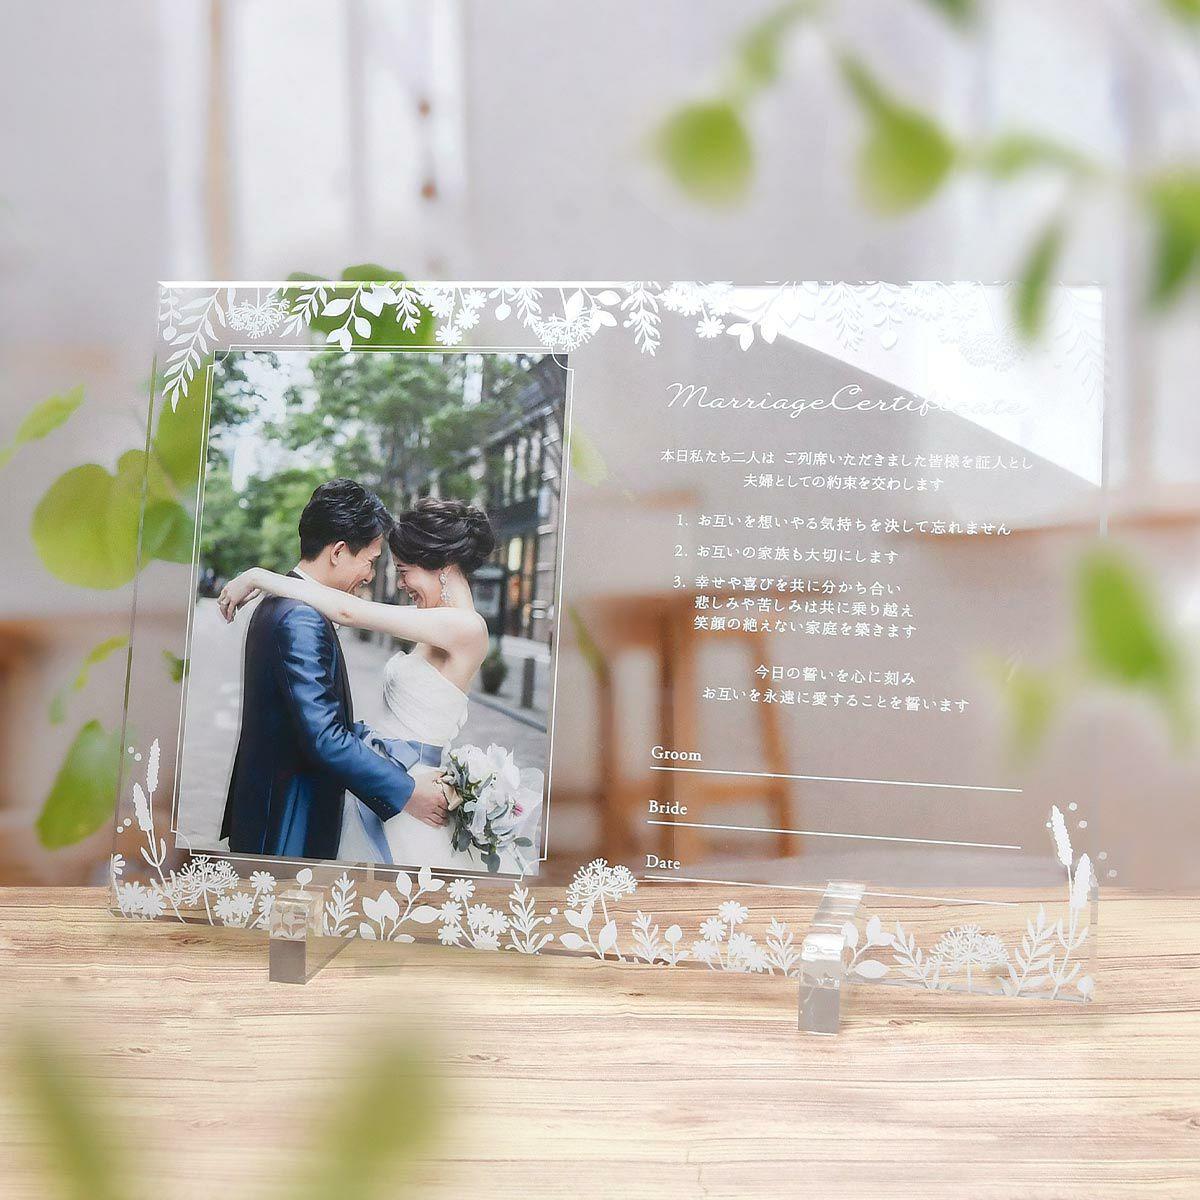 写真と誓いの約束がUV印刷されたアクリルの結婚証明書